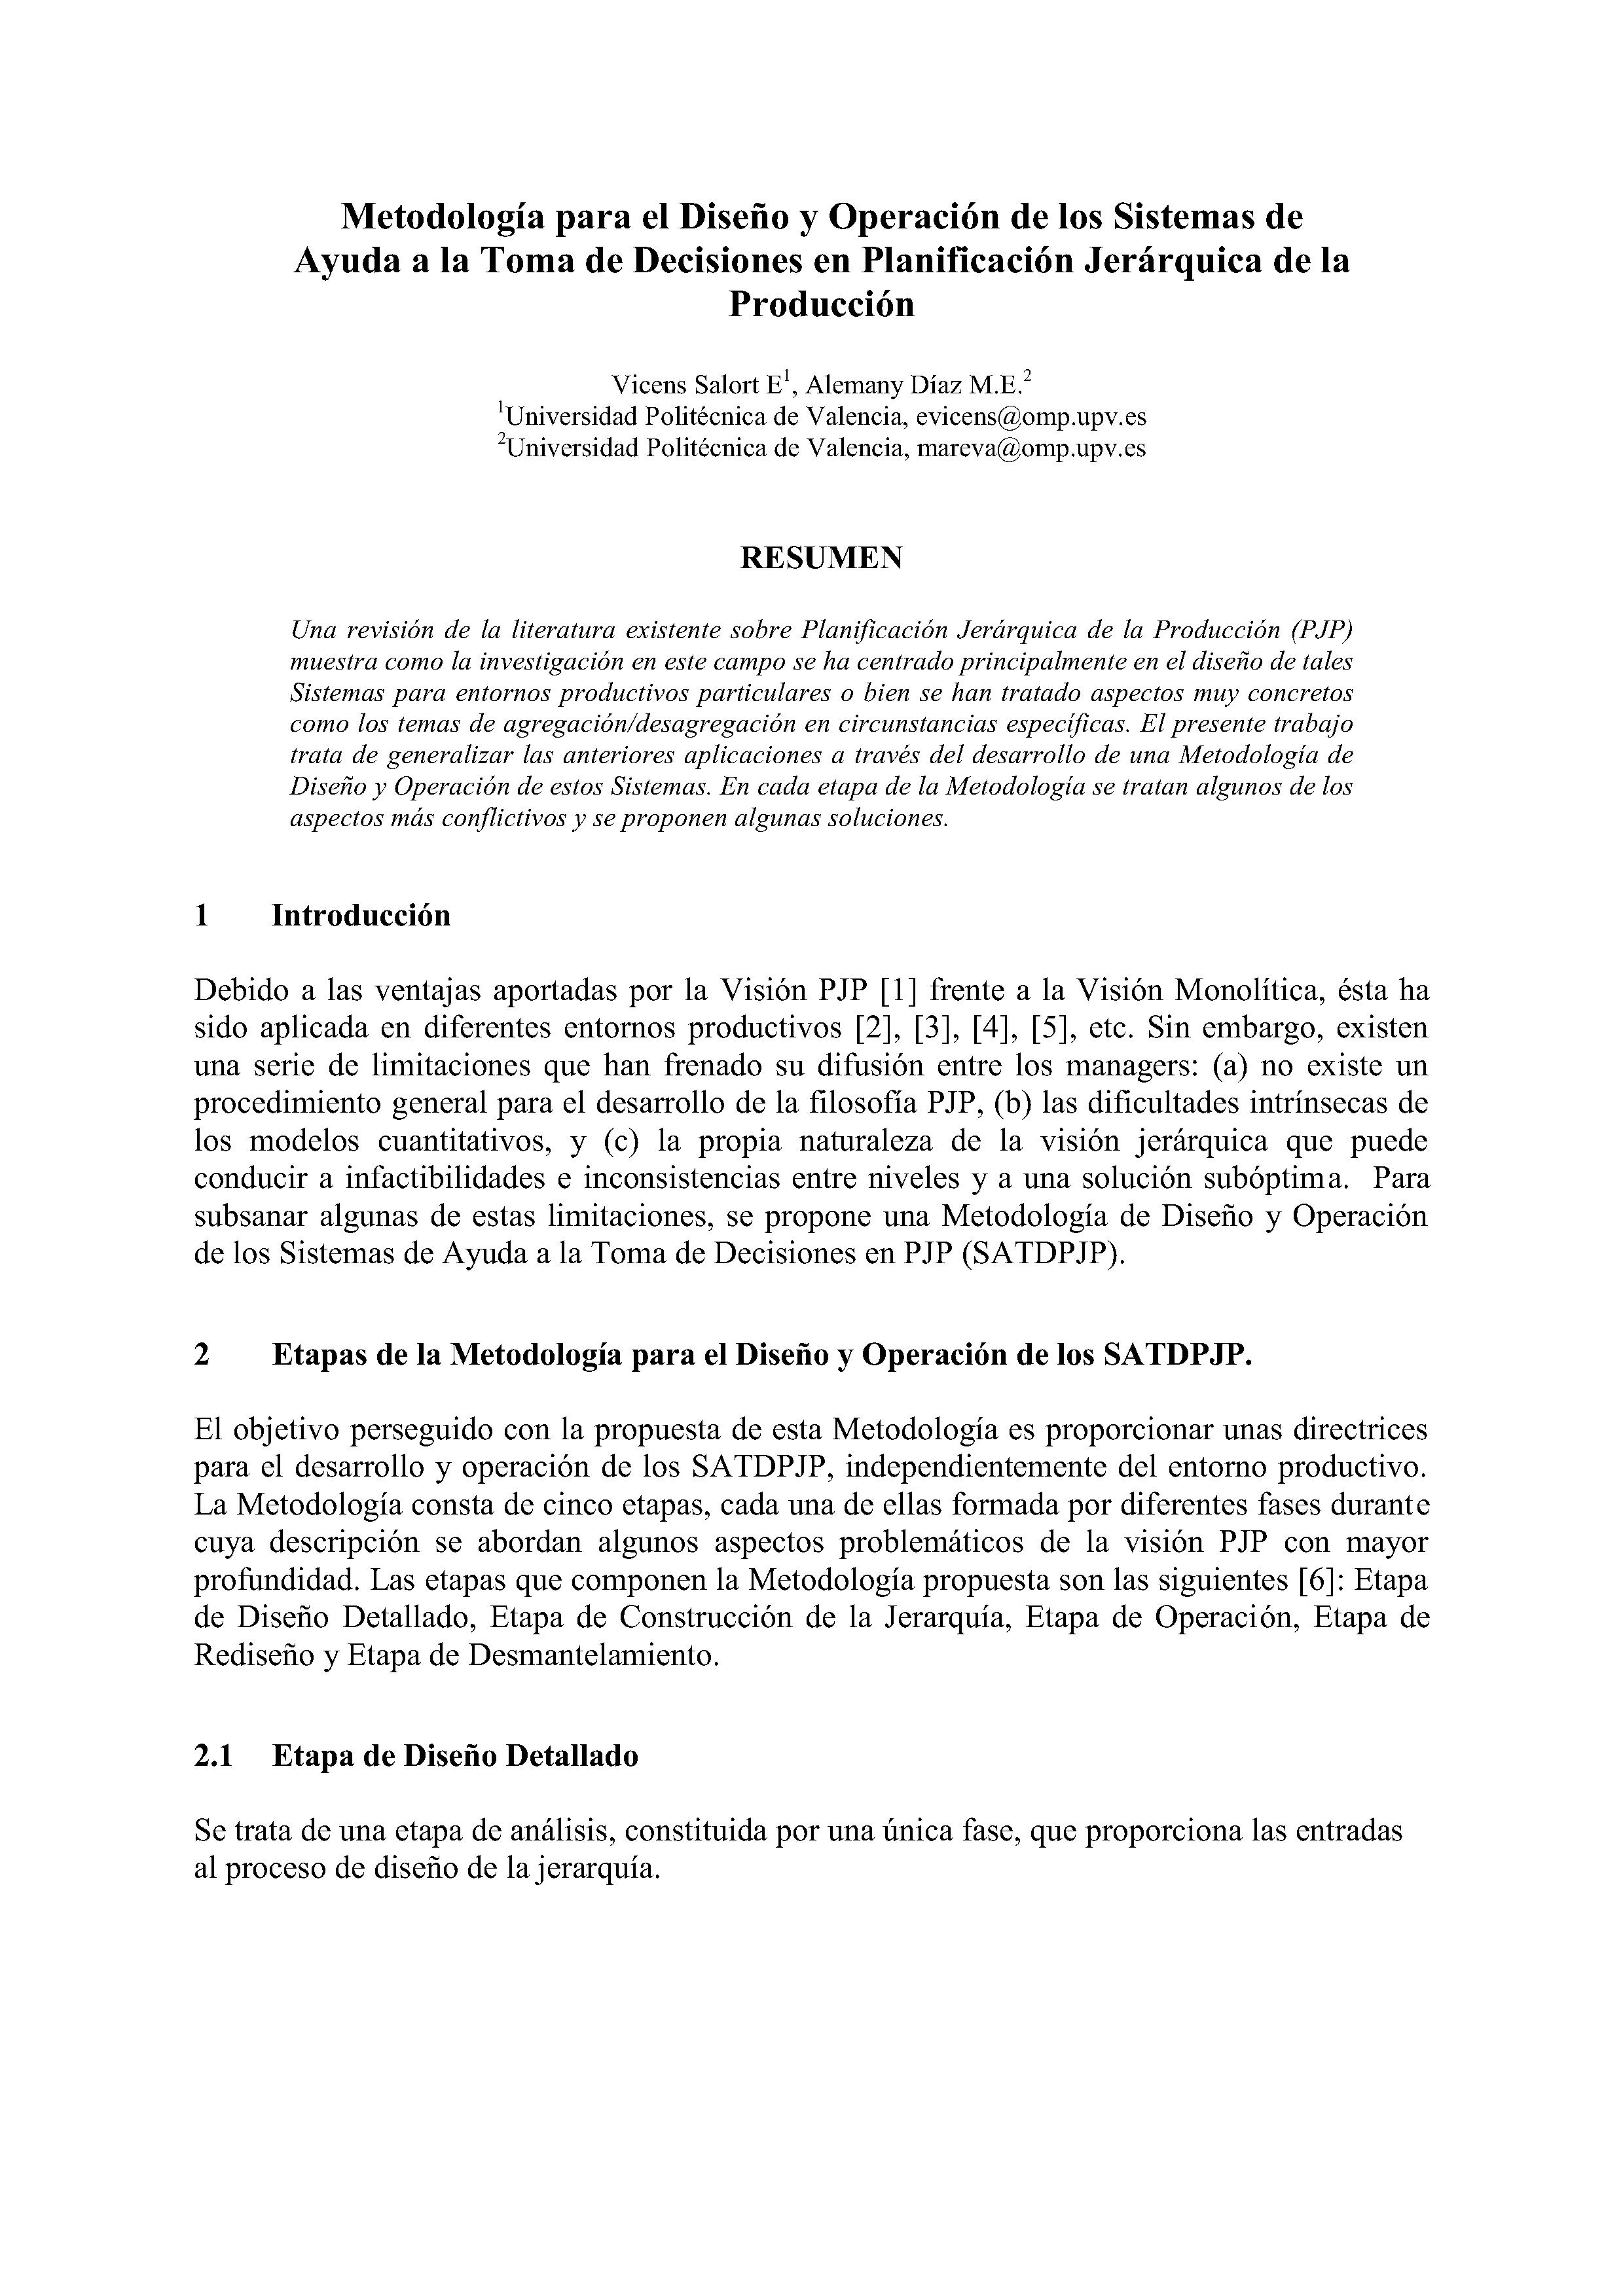 Metodología para el Diseño y Operación de los Sistemas de Ayuda a la Toma de Decisiones en Planificación Jerárquica de la Producción